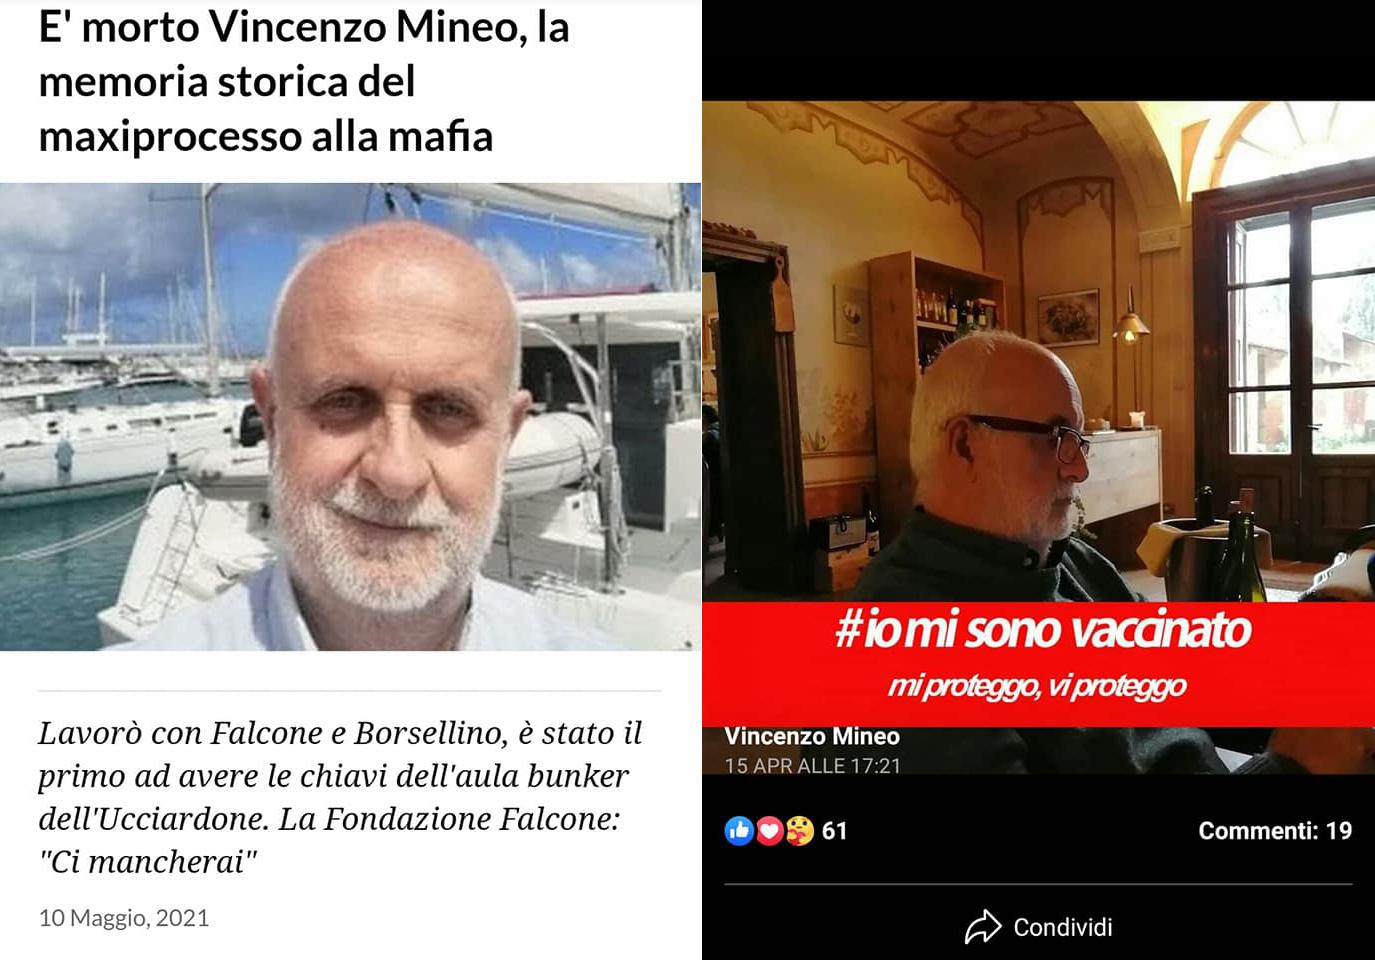 morto-vincenzo-mineo,-la-memoria-storica-del-maxiprocesso-alla-mafia-si-era-vaccinato-da-poco